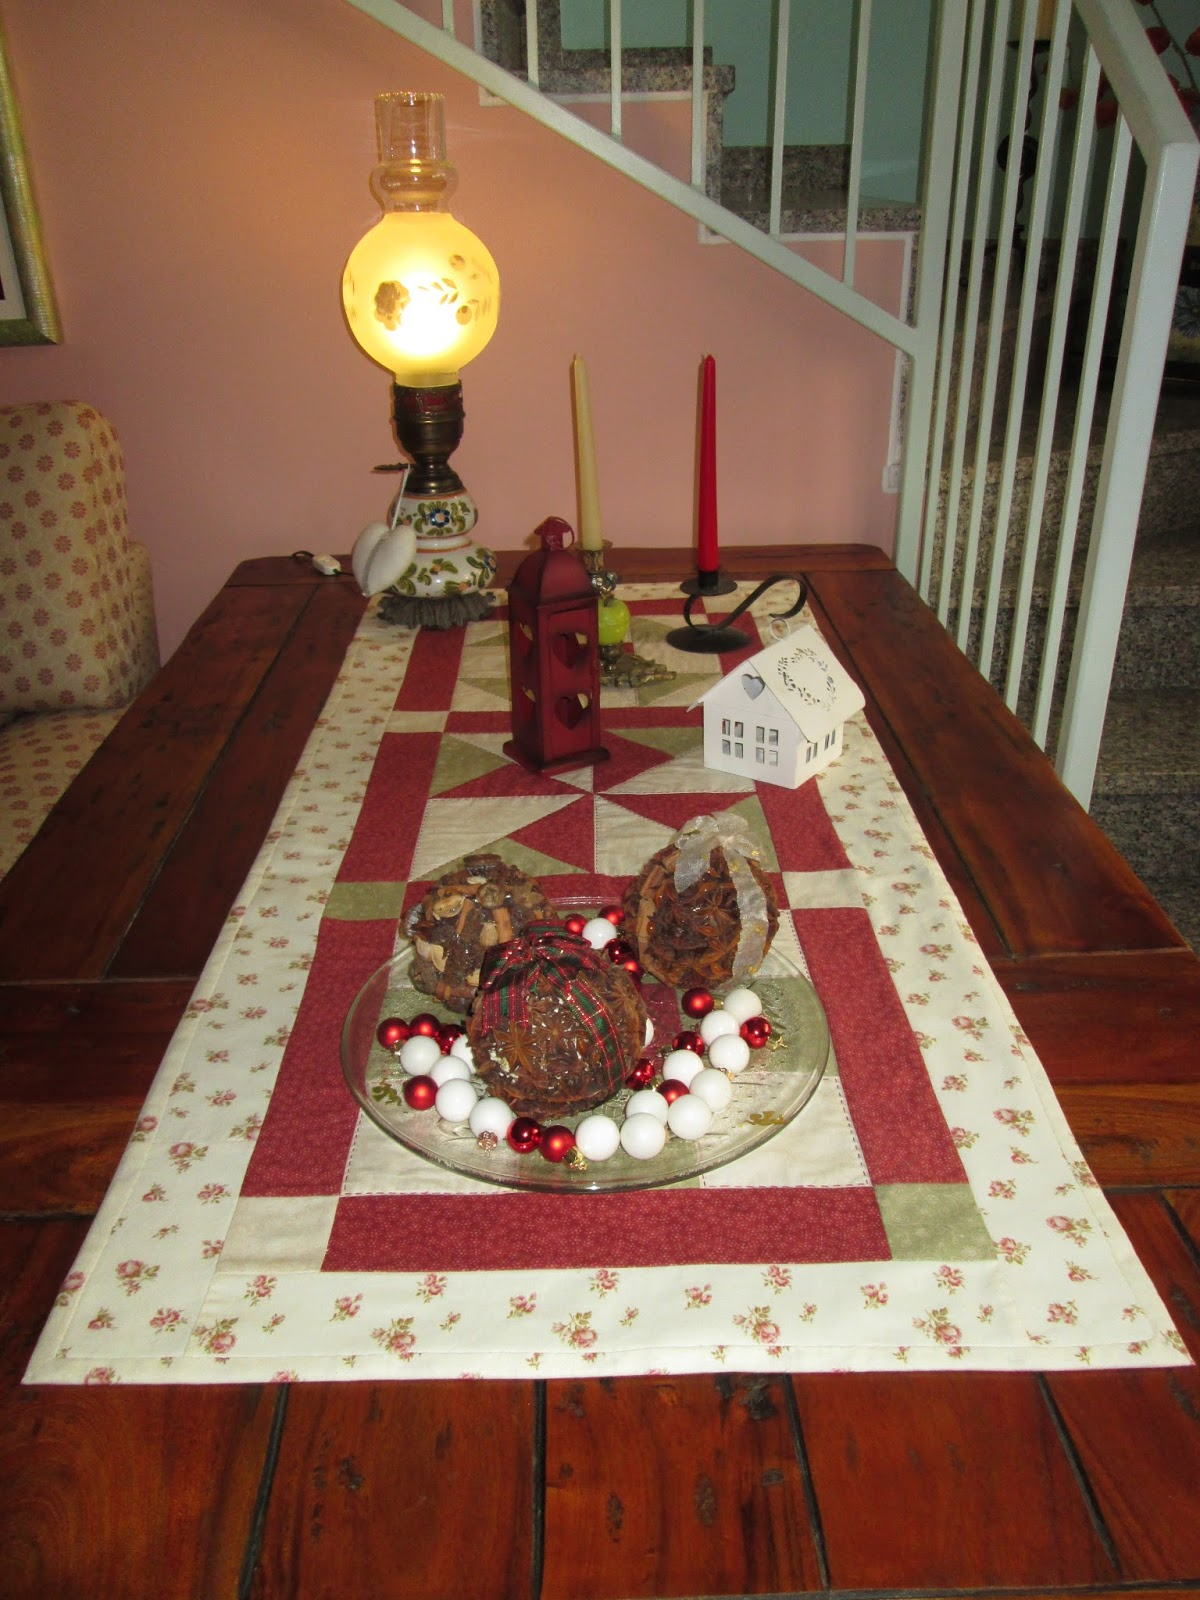 Carmen country colorare creare cucire cucito natalizio - Tavolo macchina da cucire ...